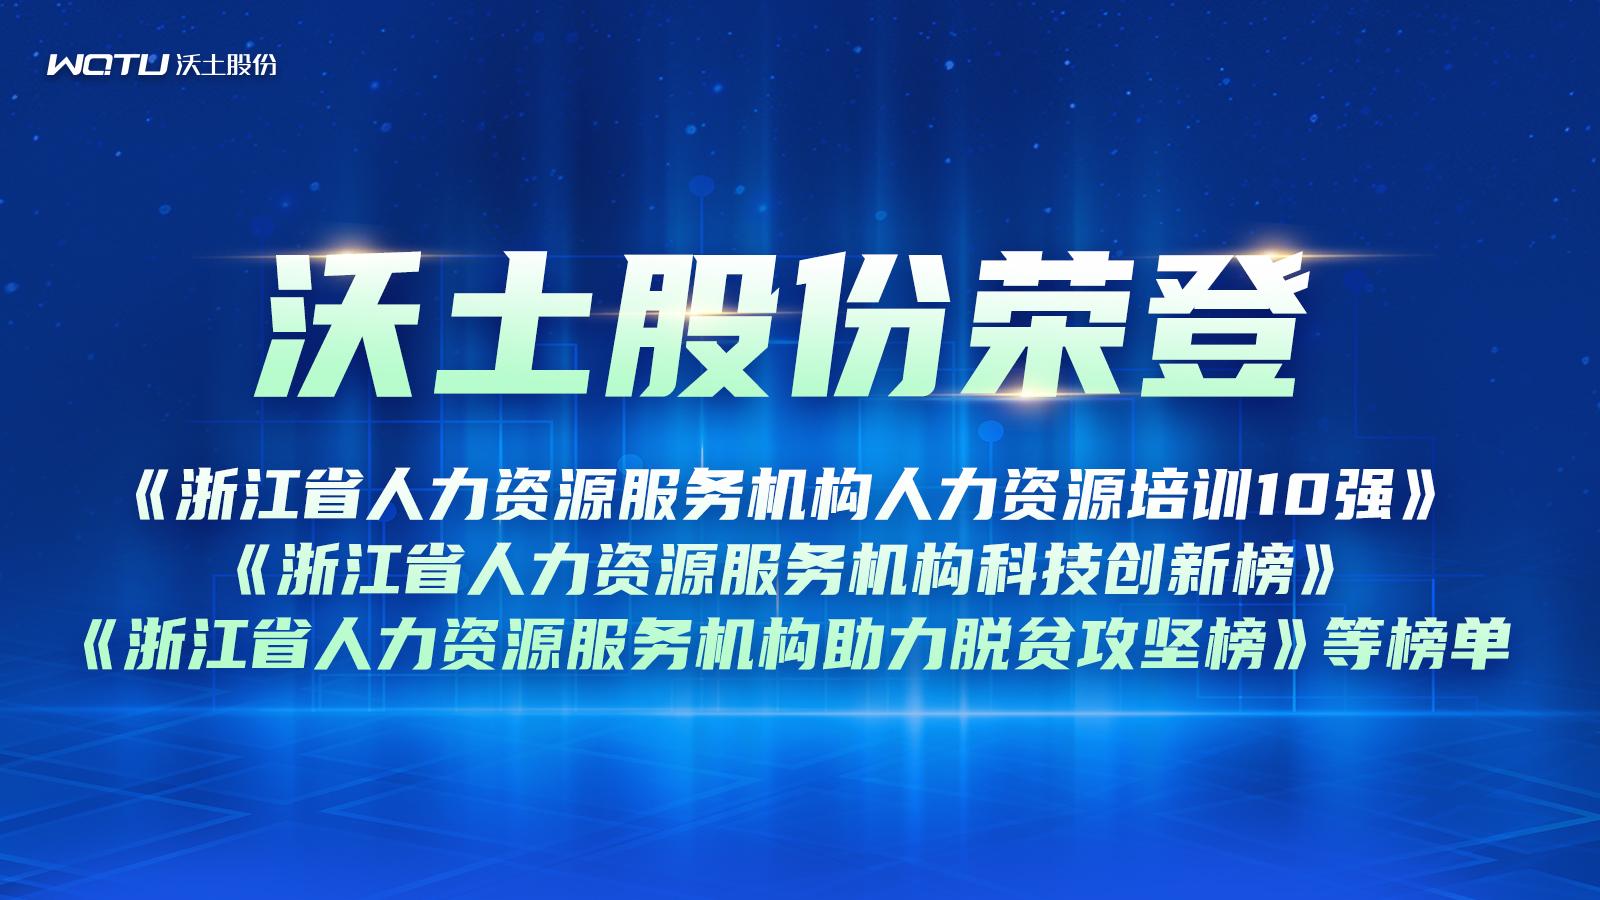 沃土股份荣登浙江人力资源服务业发展榜单